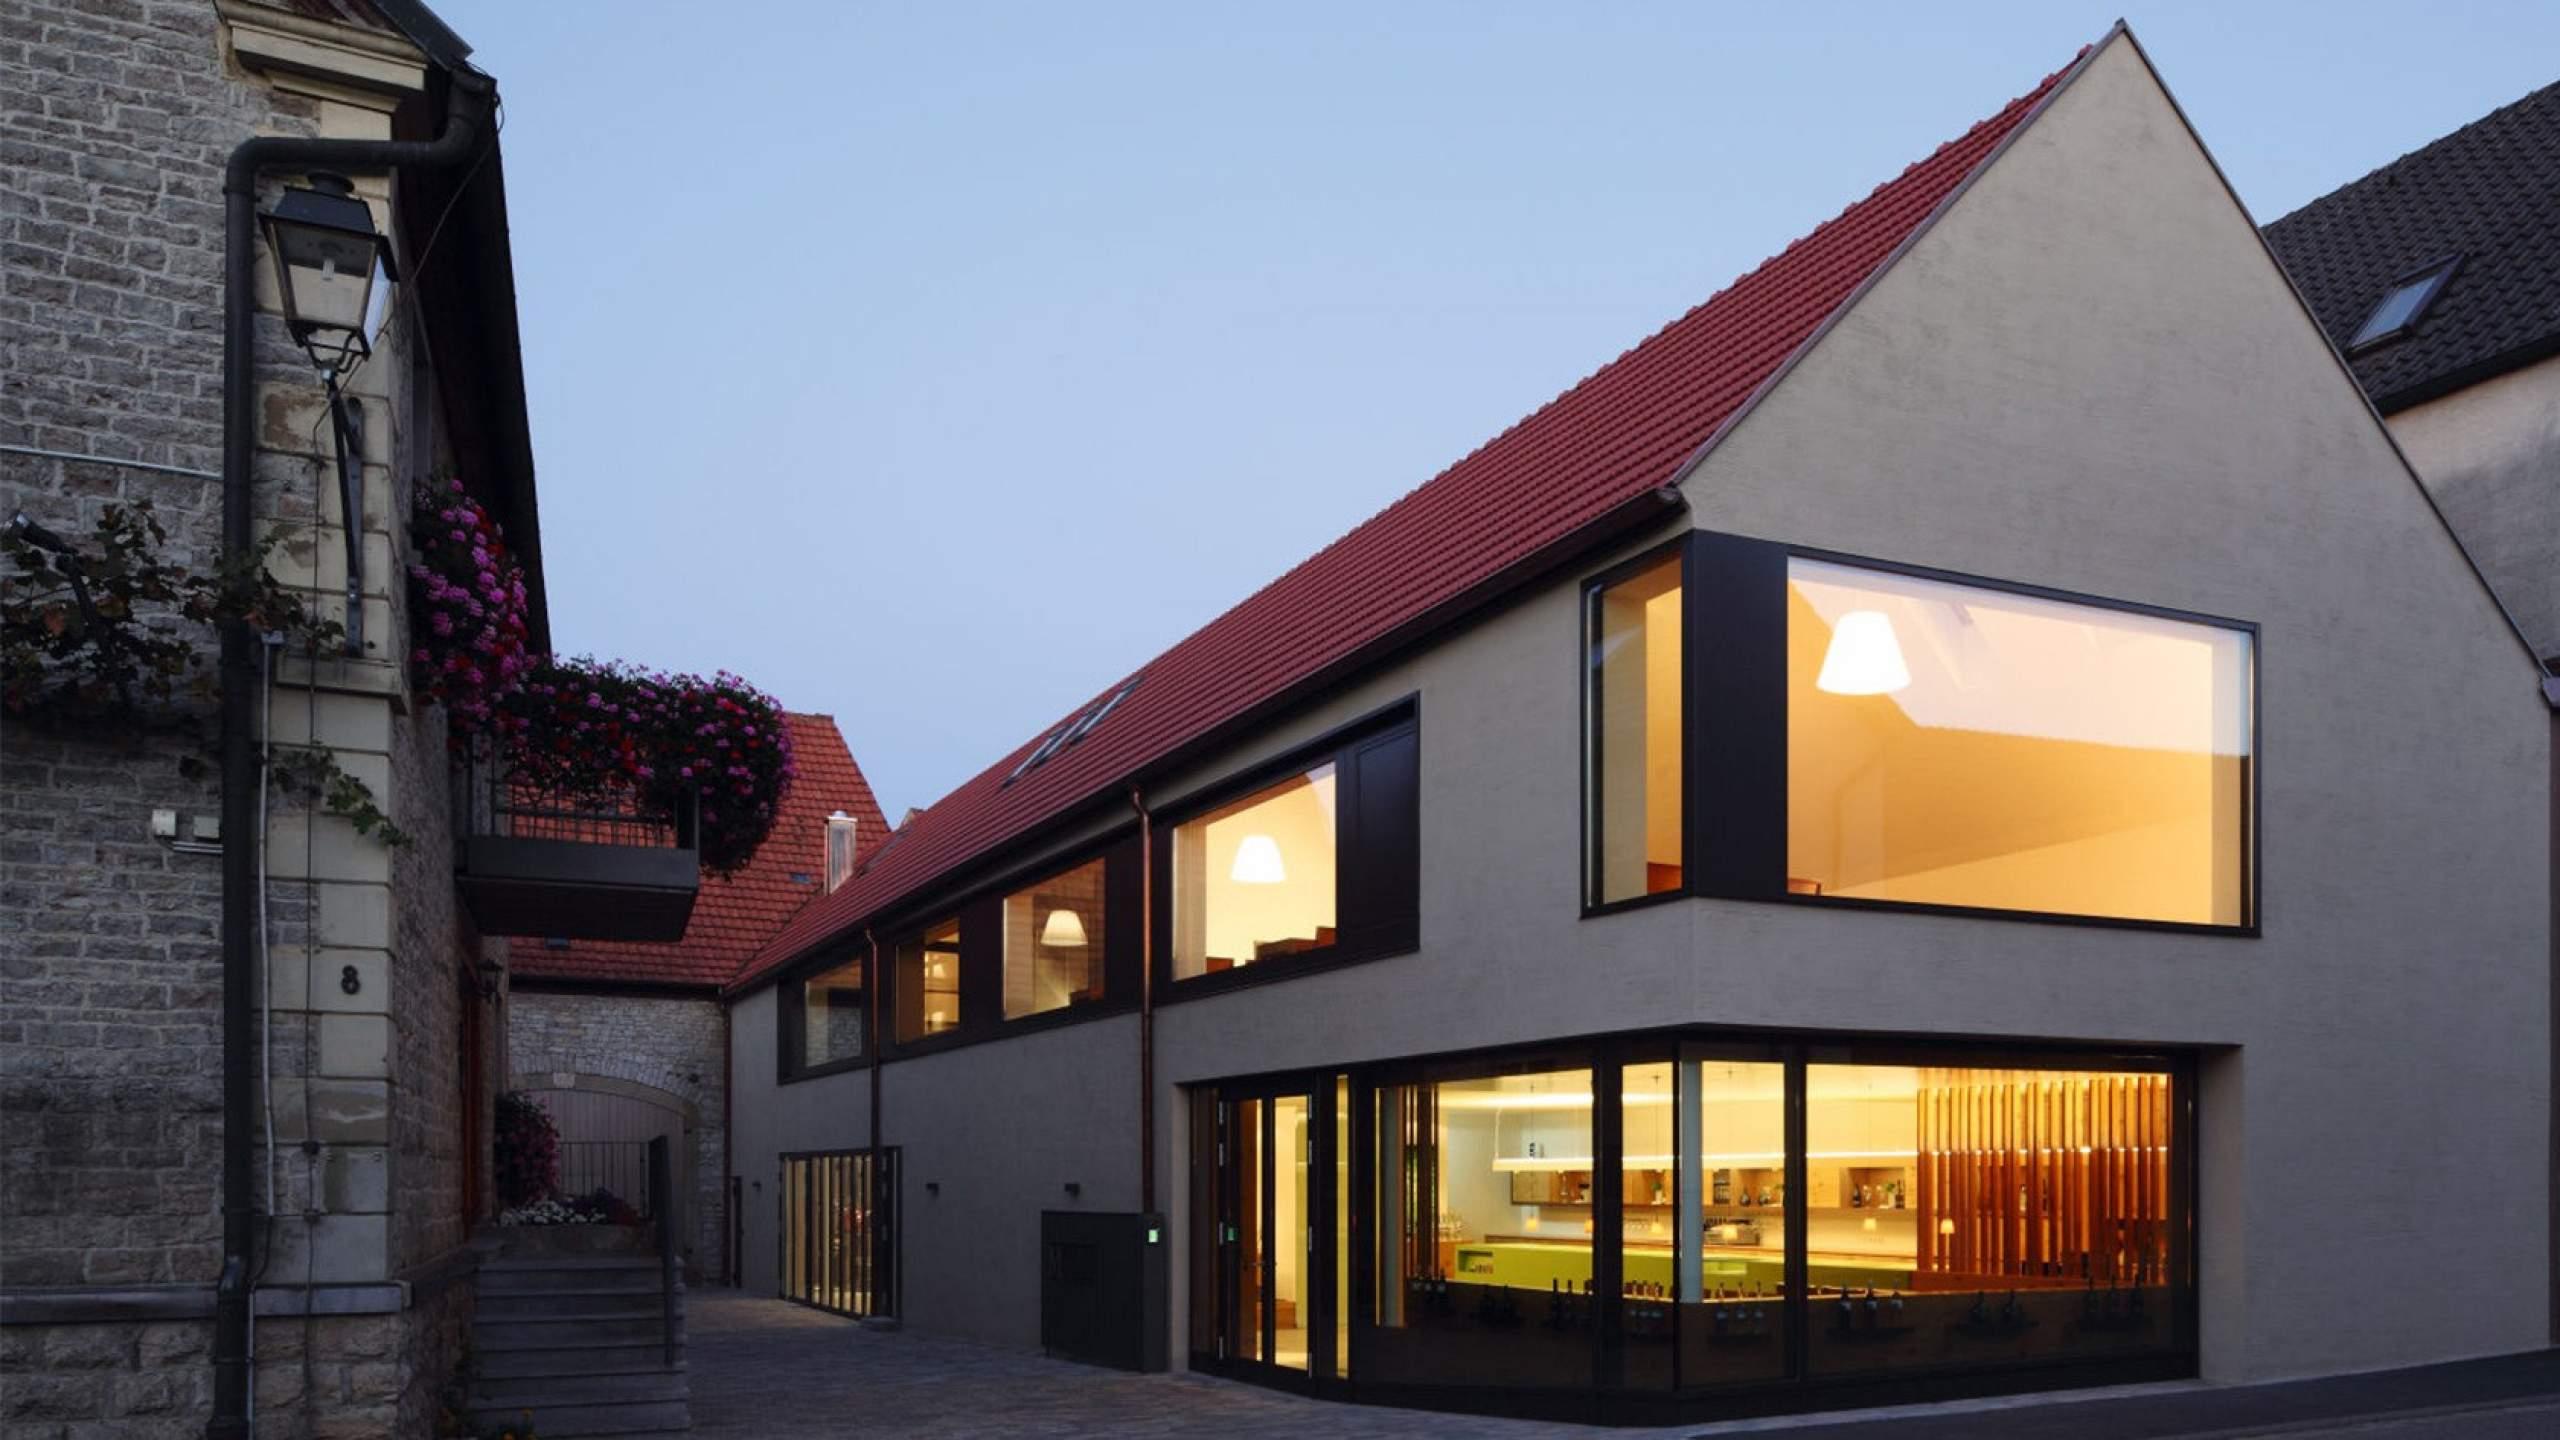 Zimmererarbeiten Gebäude mit Glasfront am Abend beleuchtet